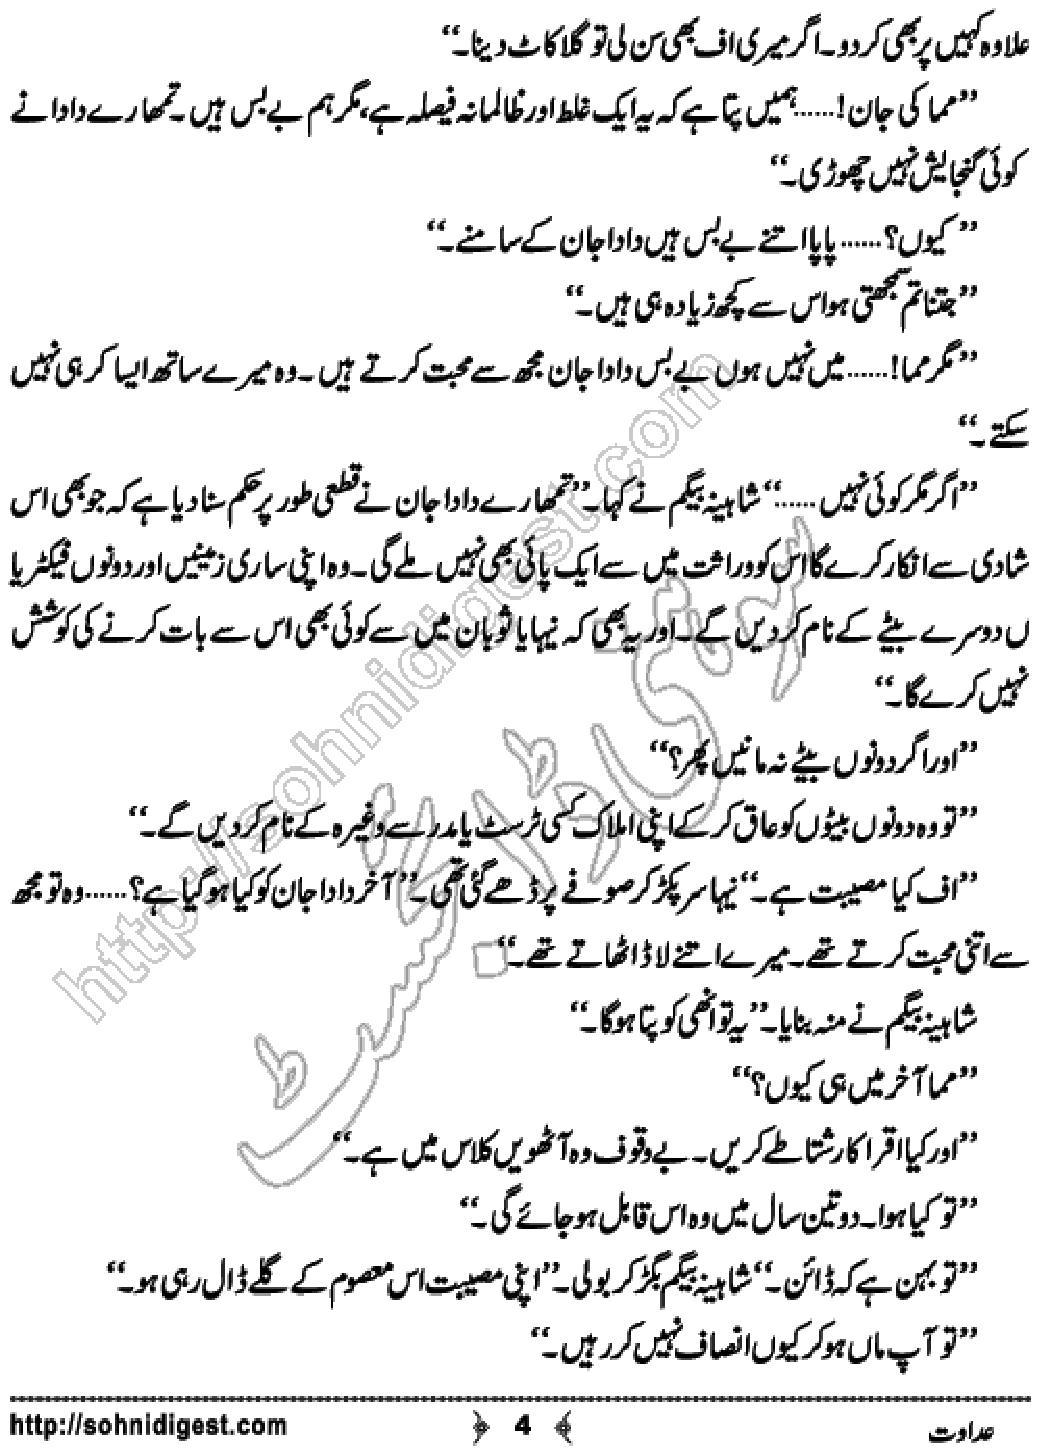 Adawat by Riaz Aqib Kohler Forced Marriage Novel